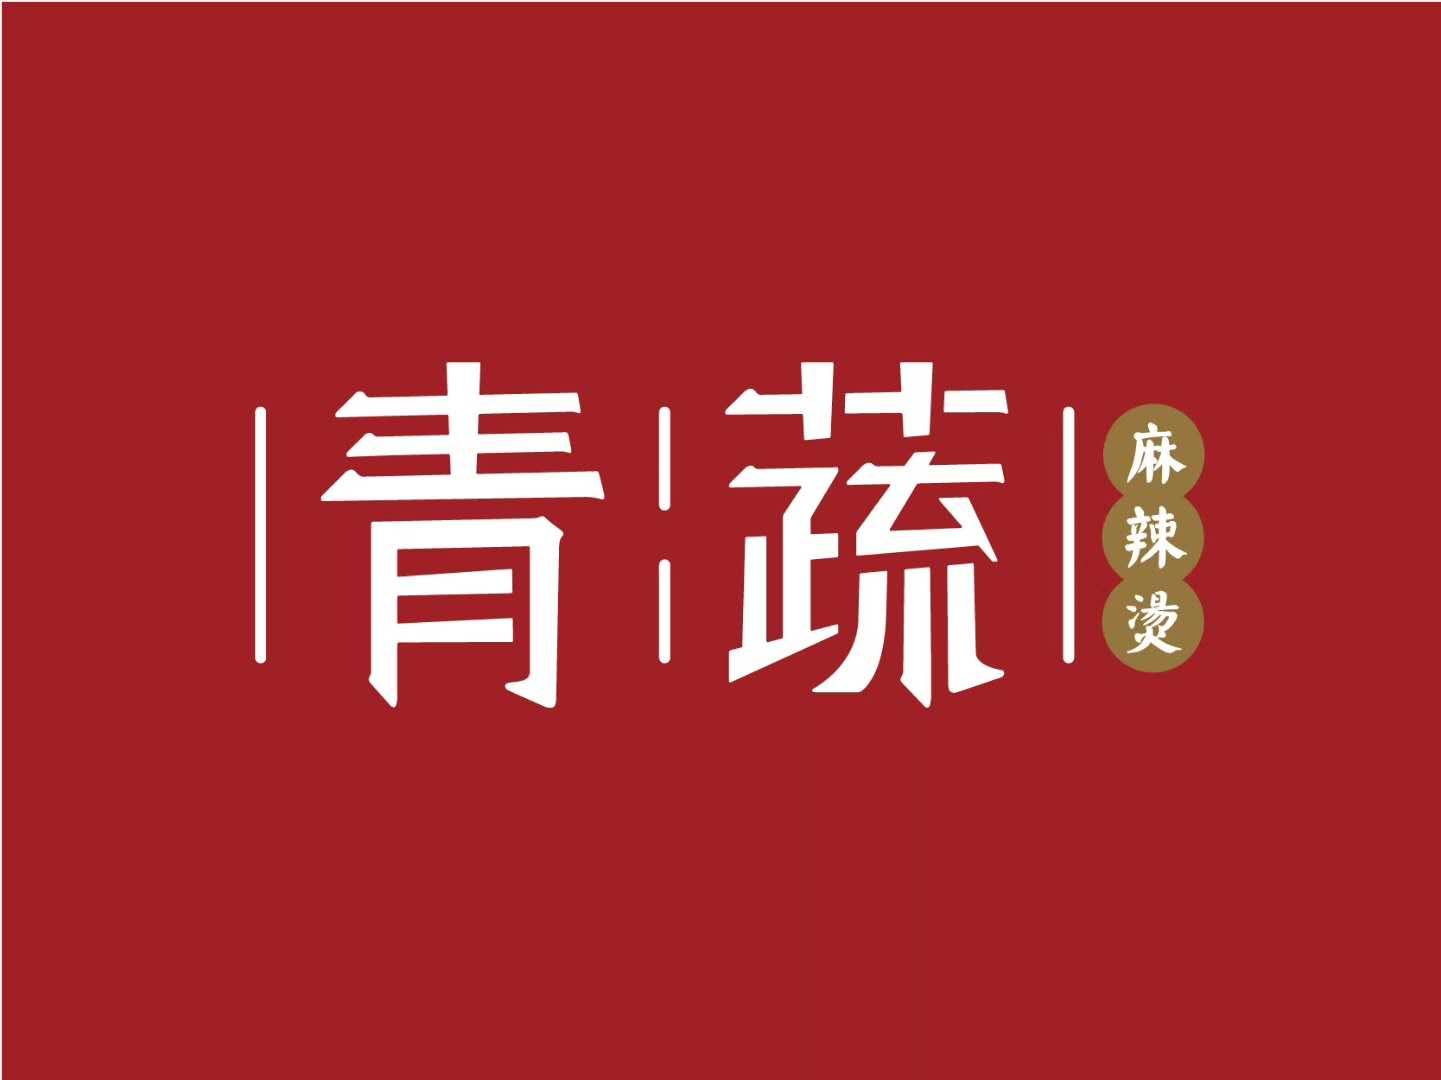 汕头市金平区乐享餐饮店